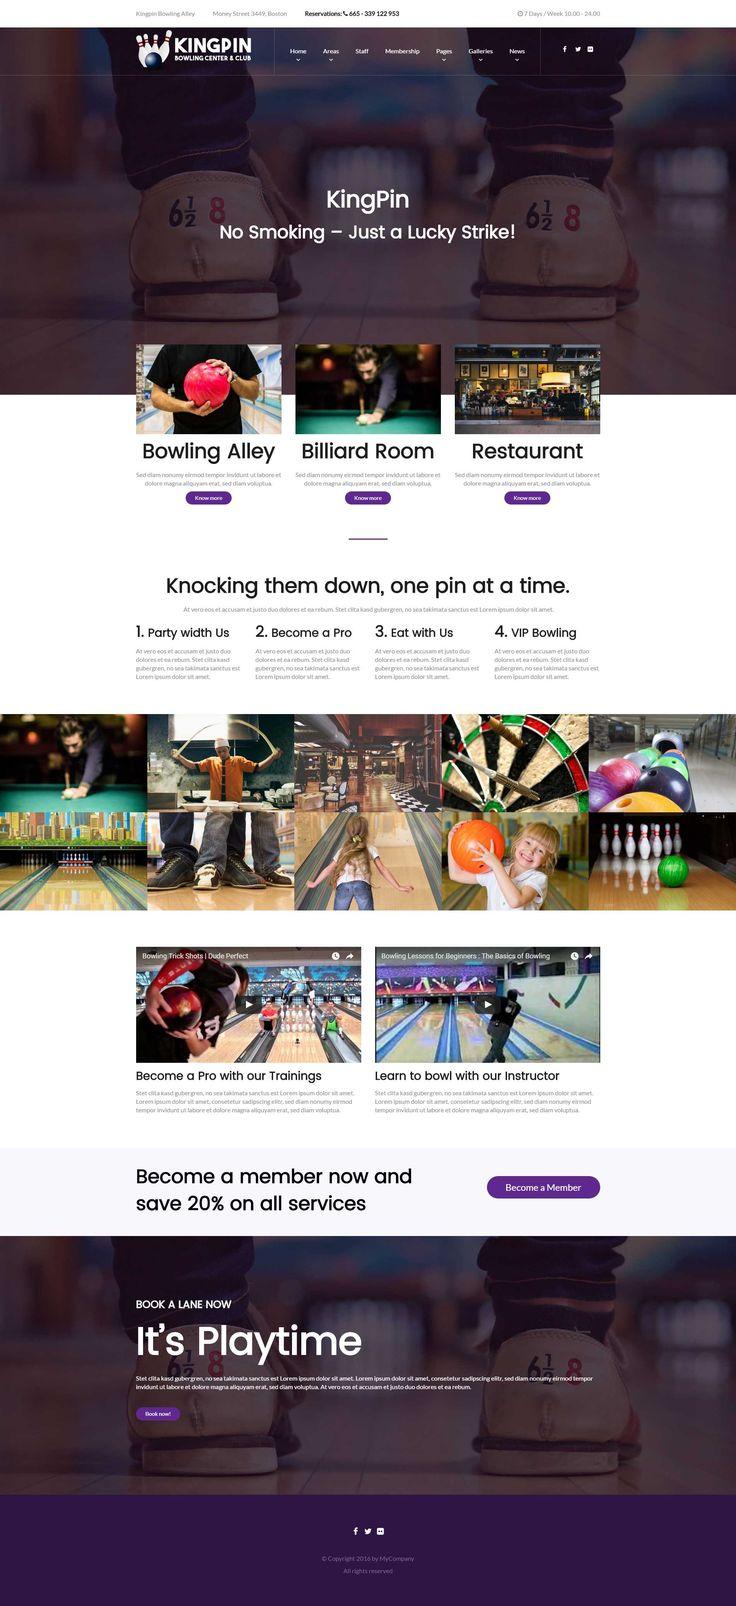 Kingpin - a Bowling Alley WordPress Theme